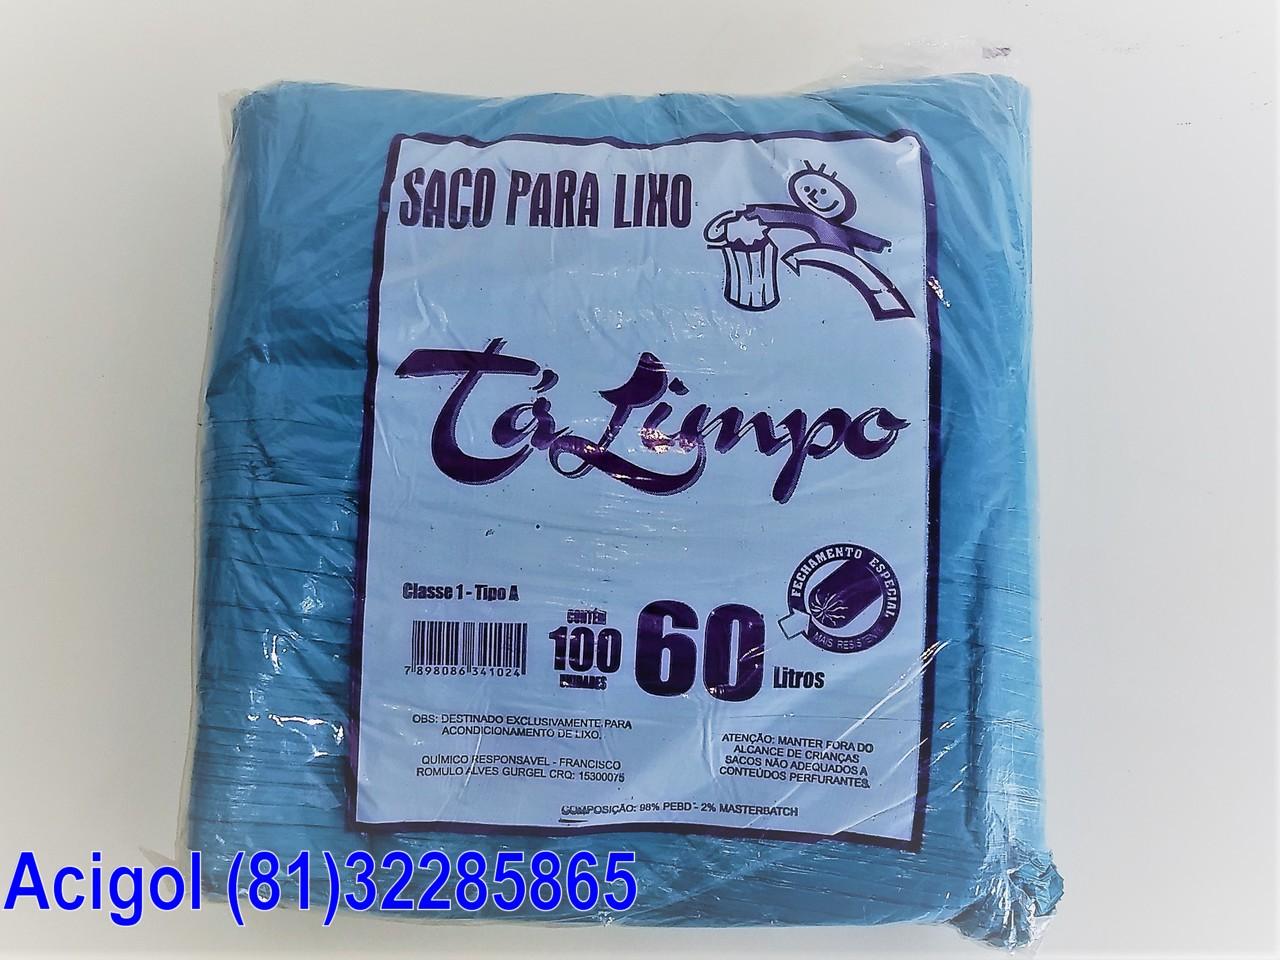 SACO PARA LIXO AZUL CAPACIDADE 60 LITROS PACOTE COM 100 SACOS-ACIGOL 81 32285865-IMG_20180107_141236501